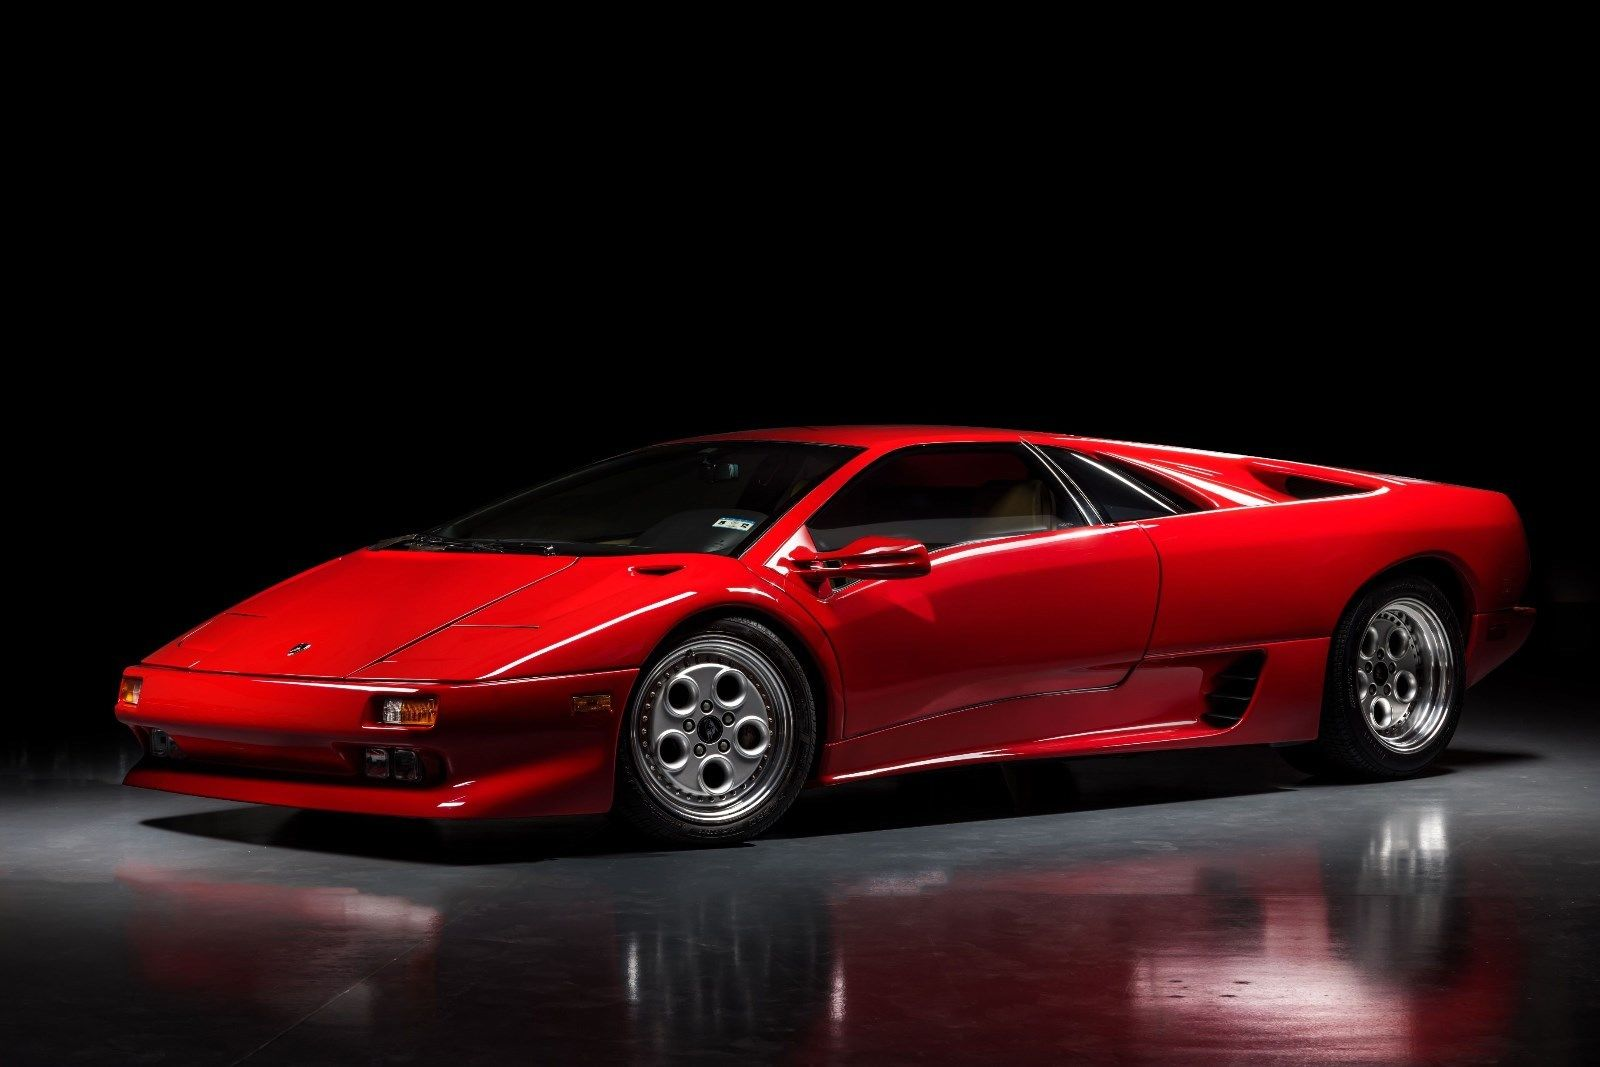 1991 Lamborghini Diablo In Showroom Condition For Sale